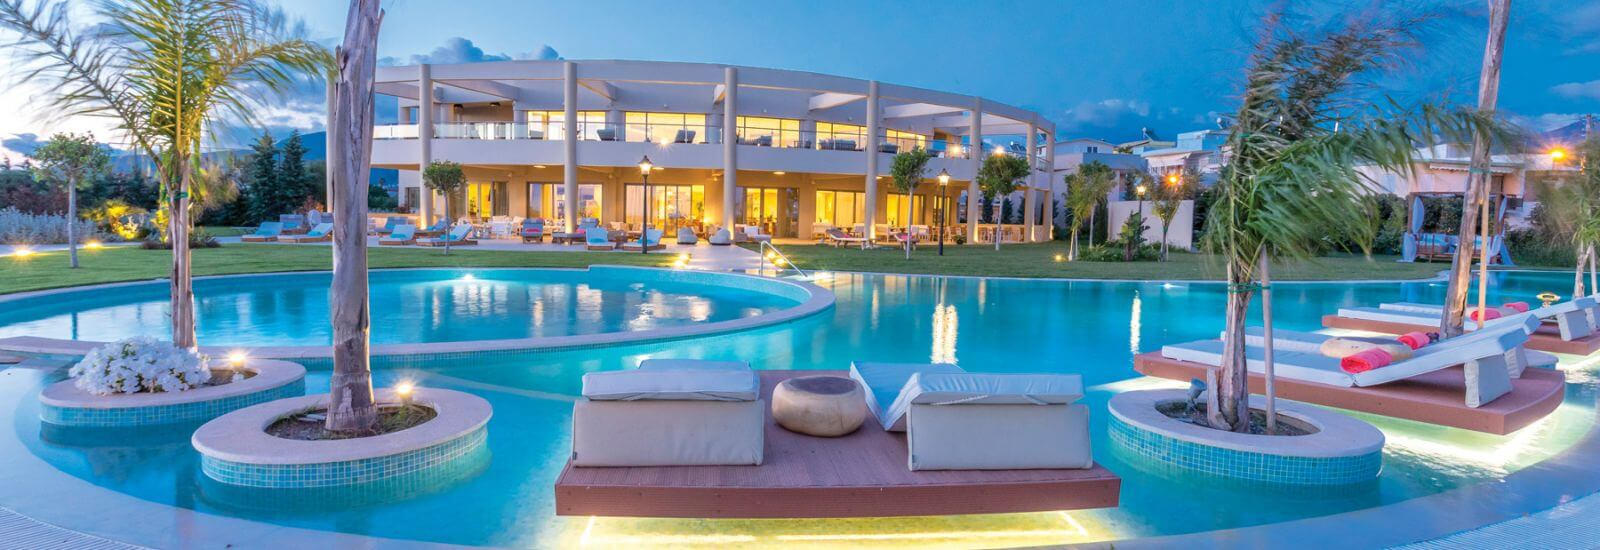 Άνοιξε νέο 5άστερο ξενoδοχείο στην Καλαμάτα 13